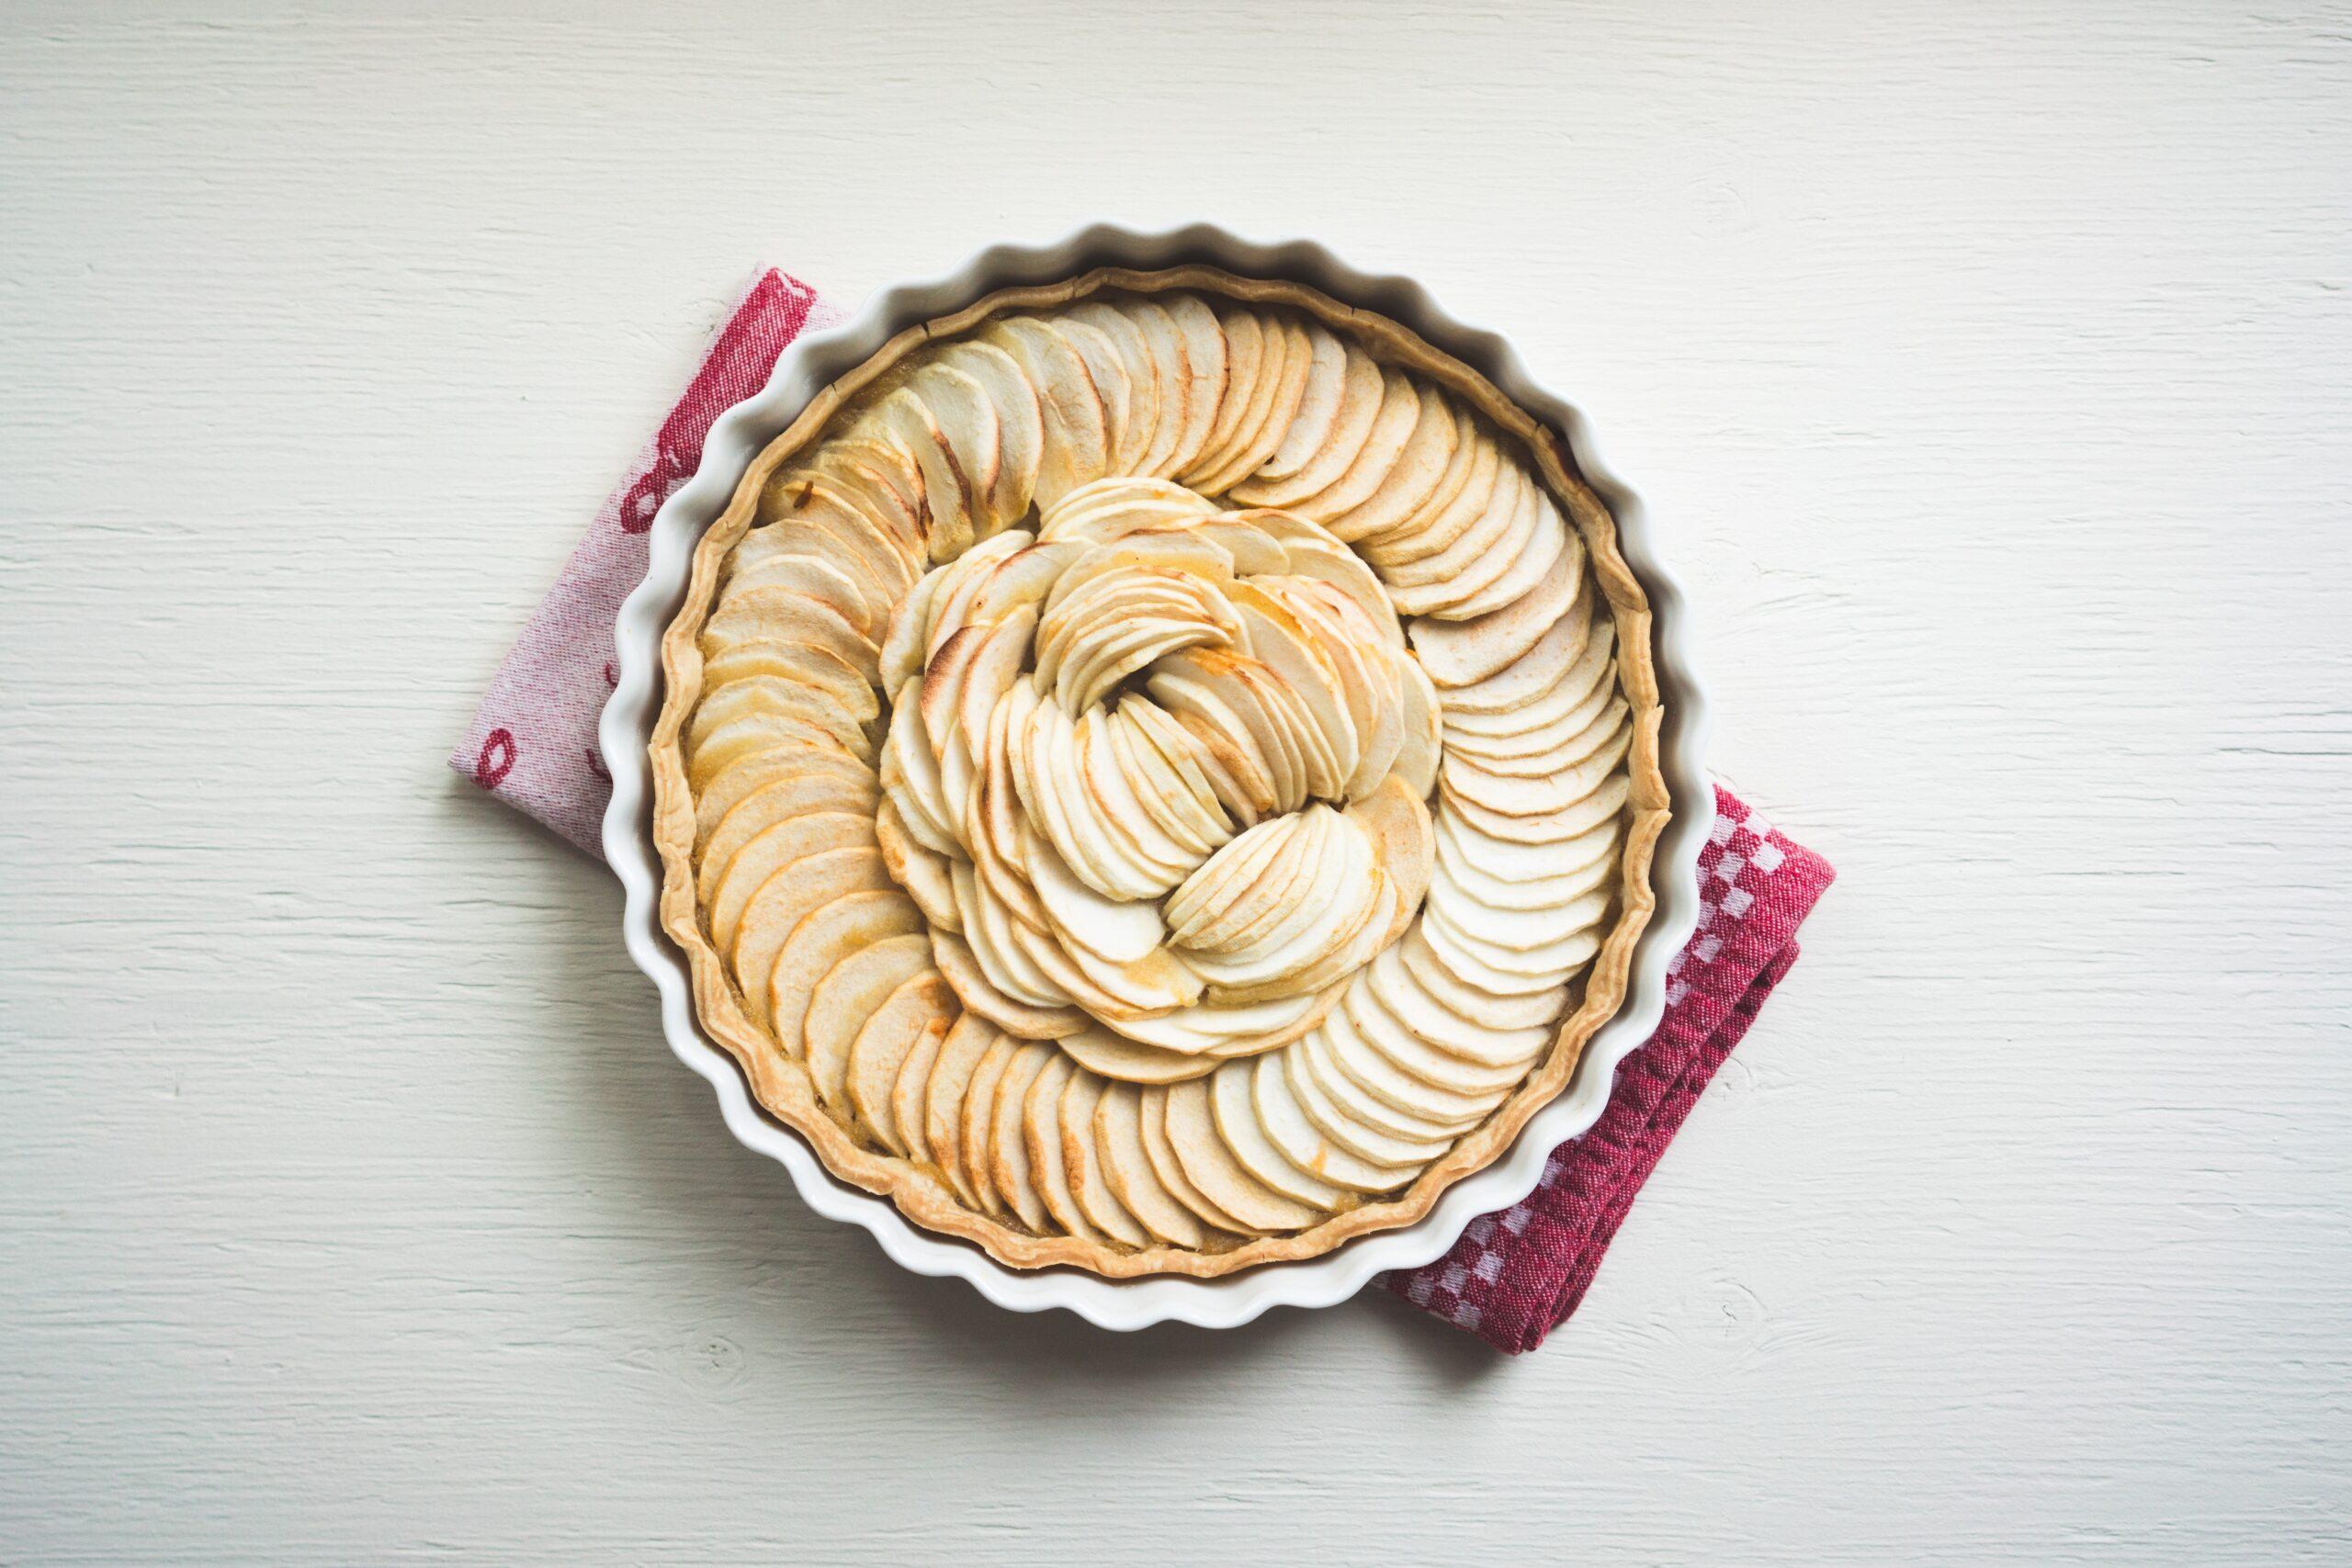 עוגת התפוחים הסודית ללא גלוטן